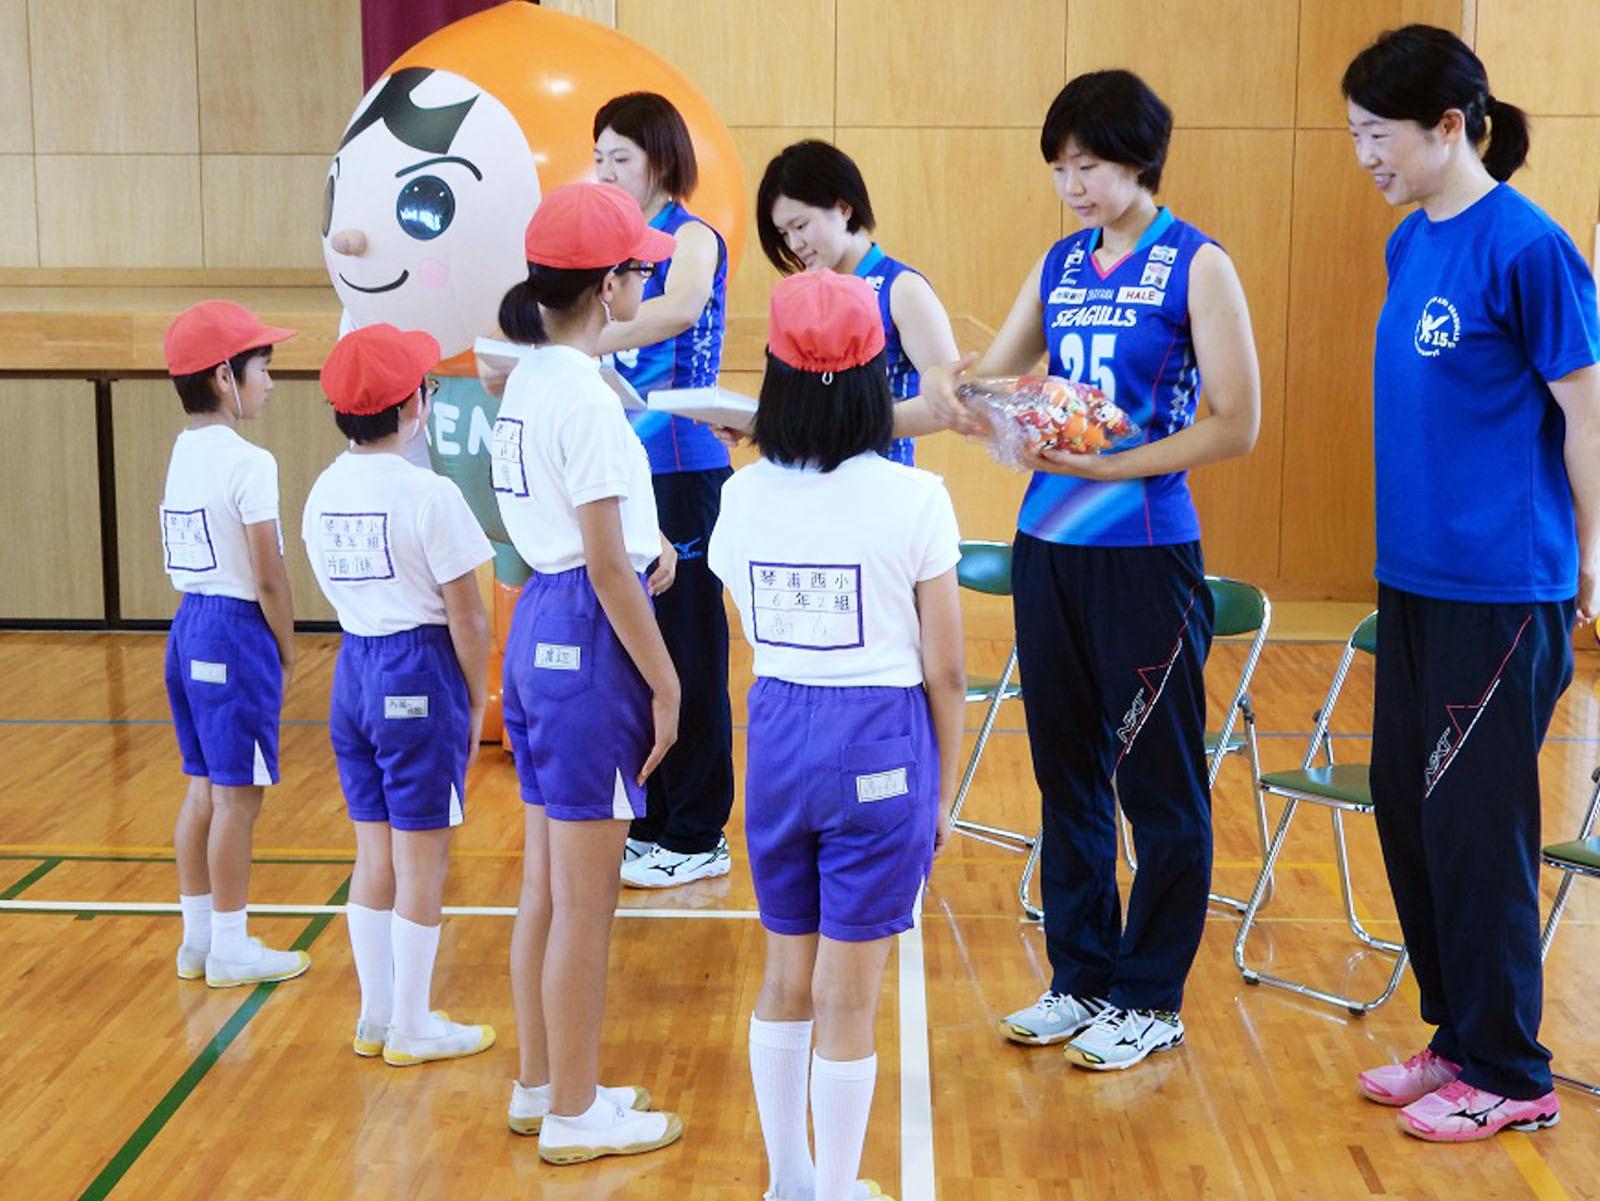 人権スポーツ教室_琴浦西小学校_15.jpg